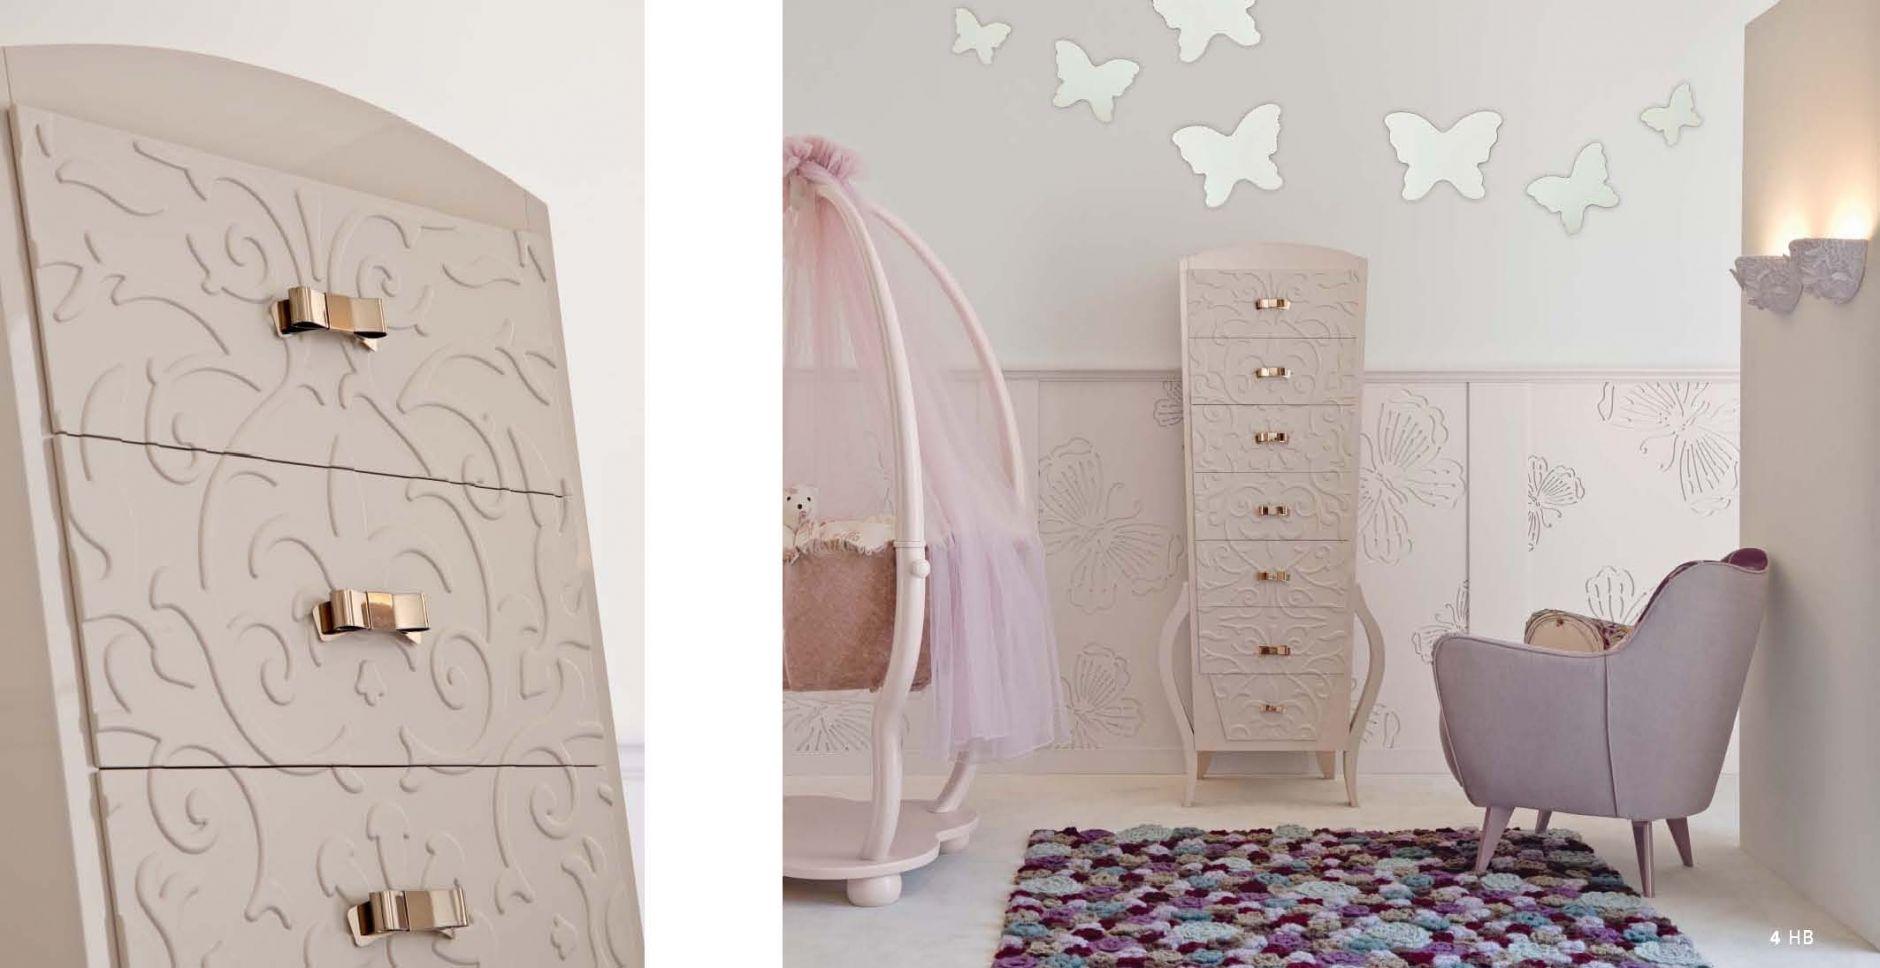 kinderm bel kinderzimmer schrank 4nvdie m bel aus italien. Black Bedroom Furniture Sets. Home Design Ideas